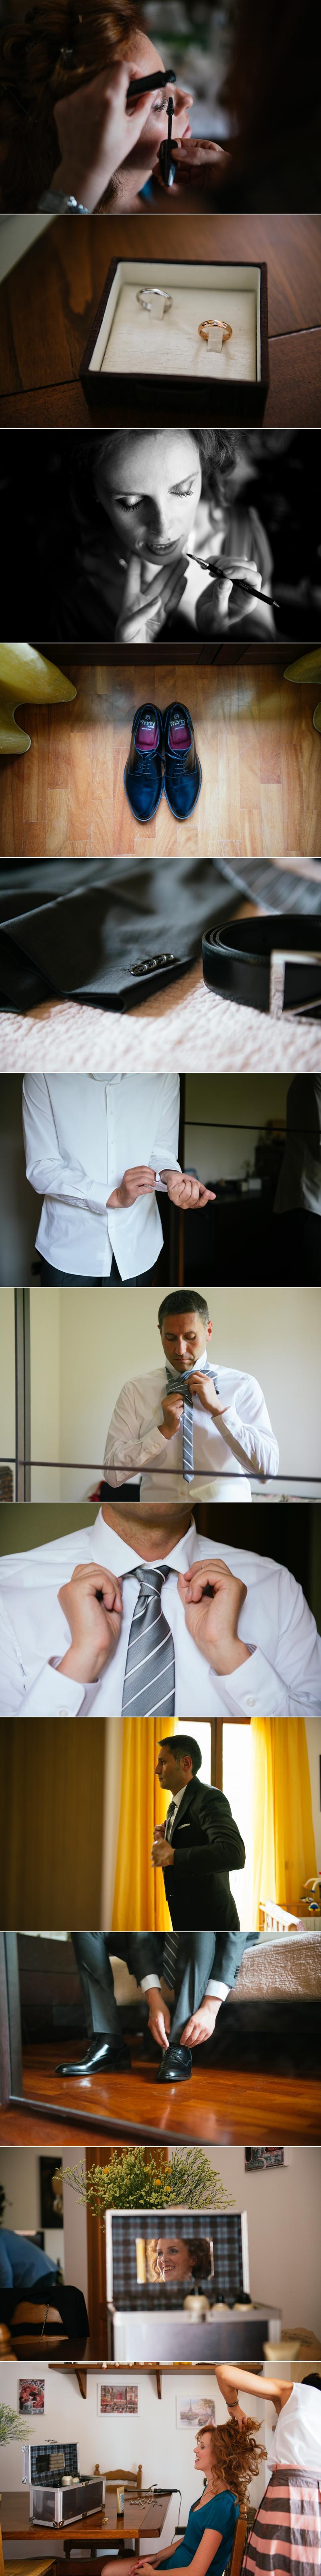 fotografo-matrimonio-chiesa-san-rocco-borghetto-di-brola-modigliana-forli-cesena-bologna-valentina-cavallini 2